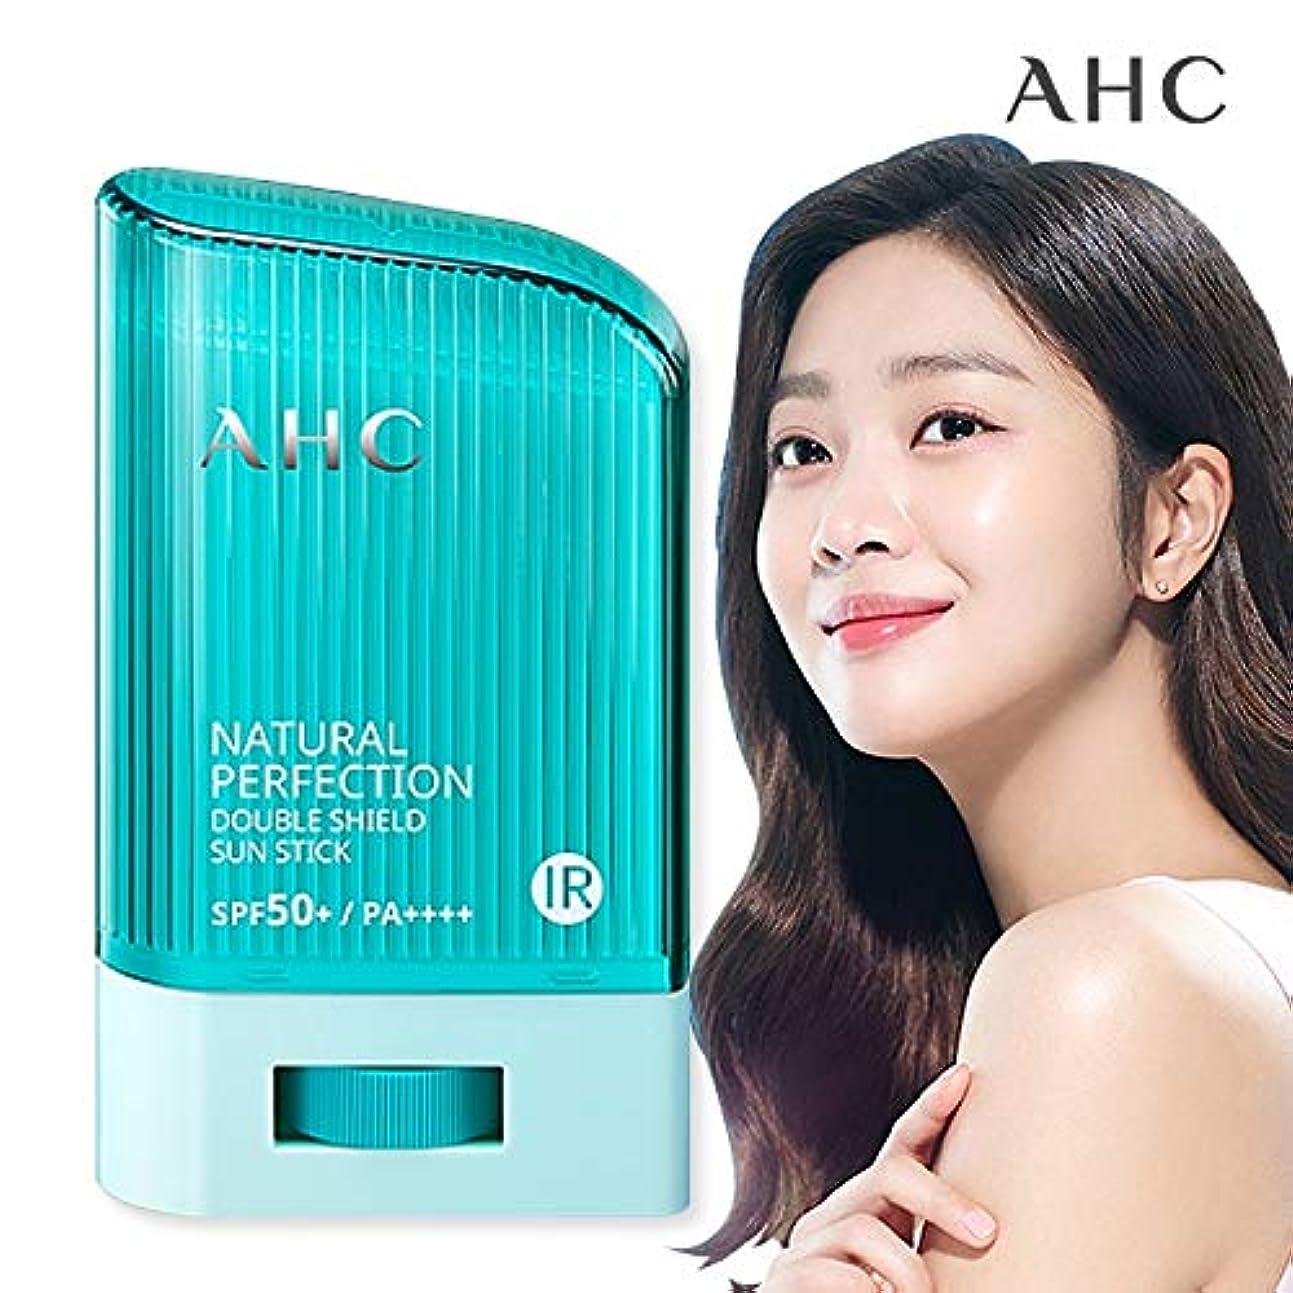 海純度スチュアート島AHC ナチュラルパーフェクションダブルシールドサンスティック 22g, SPF50+ PA++++ A.H.C Natural Perfection Double Shield Sun Stick